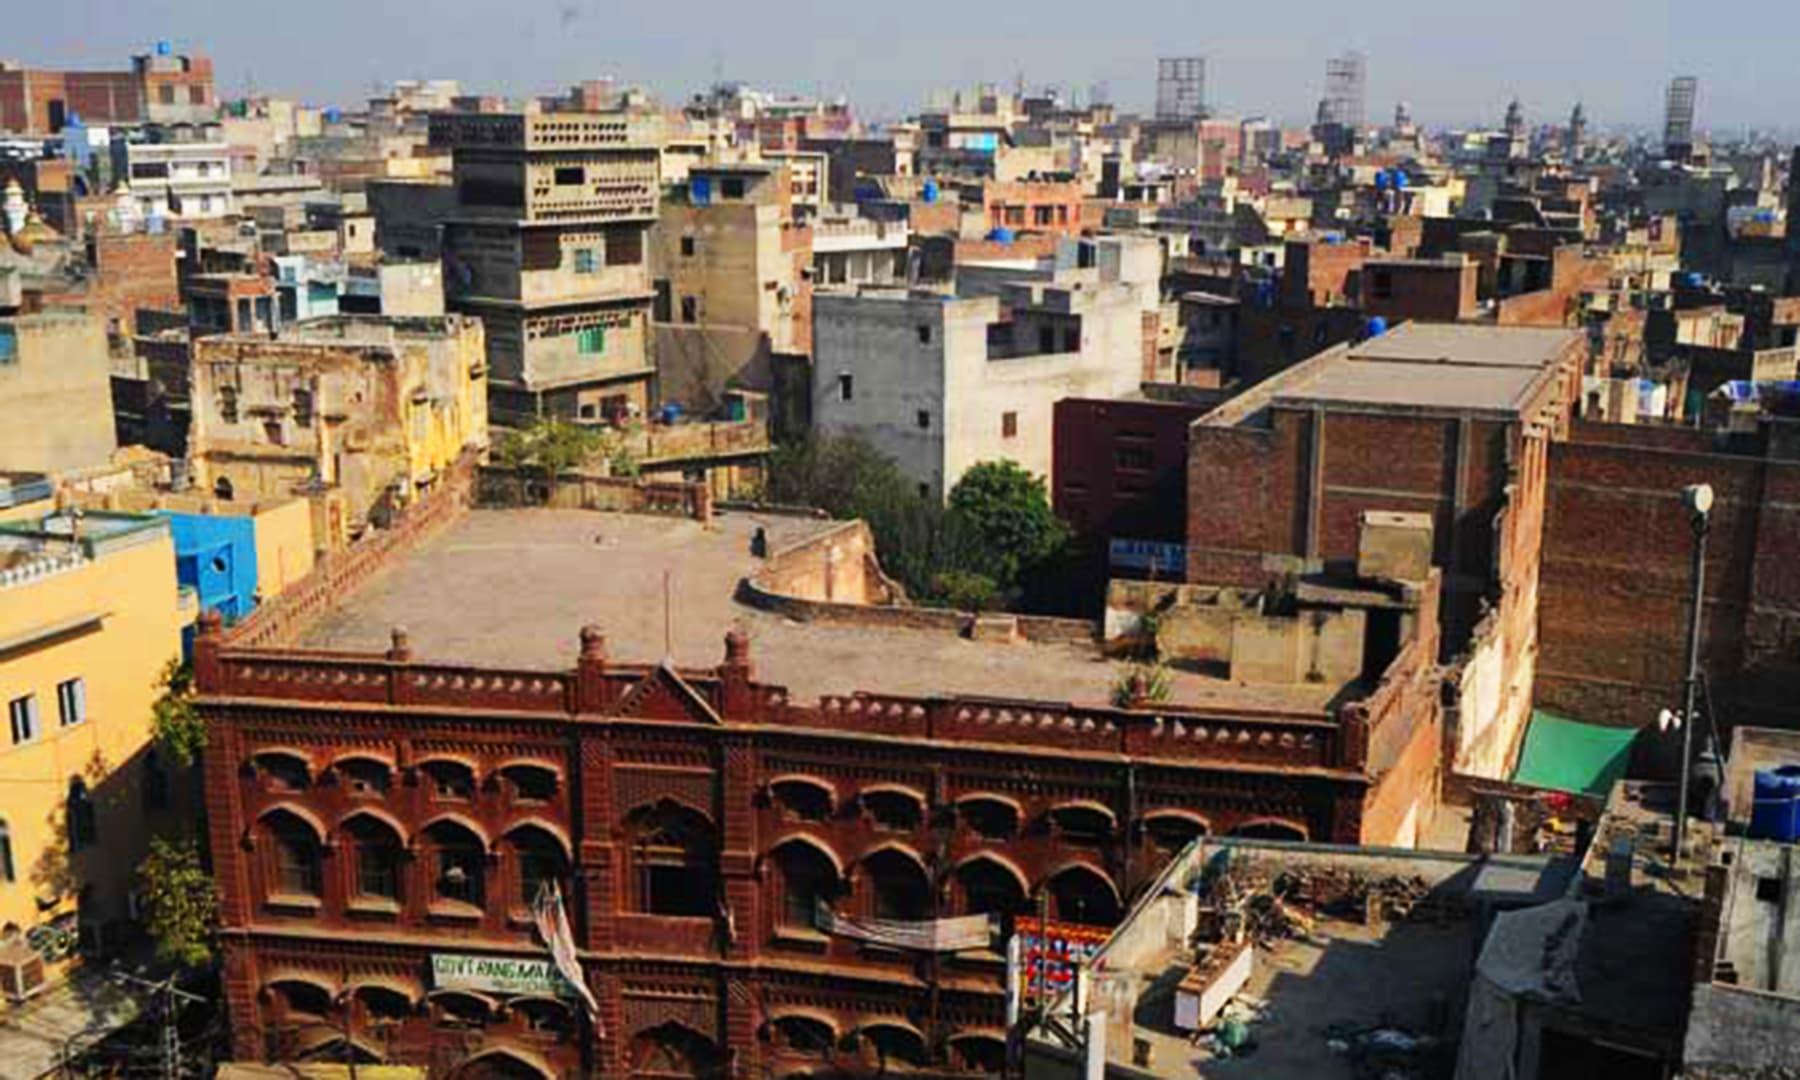 لاہور کا ایک پرانہ محلہ— اے ایف پی